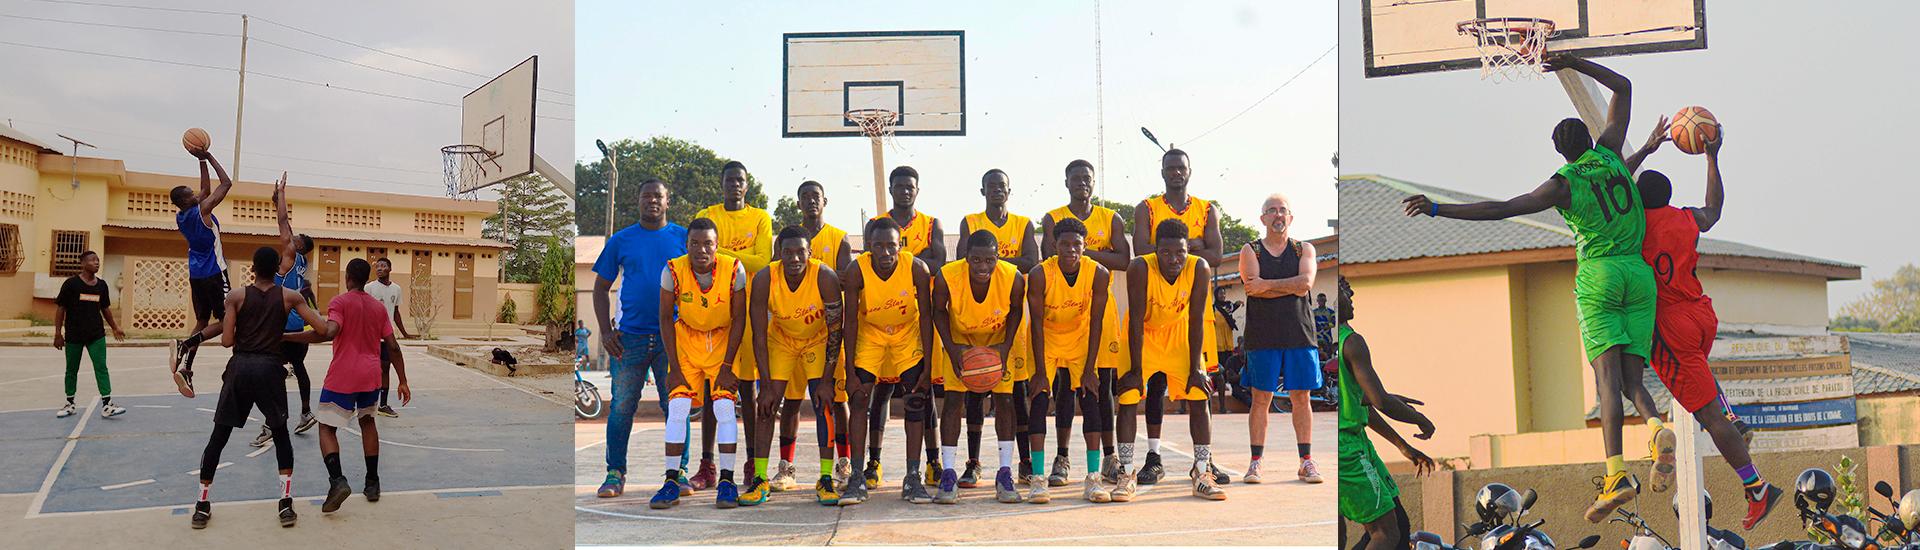 Bosco Star el club de baloncesto de los Salesianos en Parakou que gana campeonatos nacionales en Benín